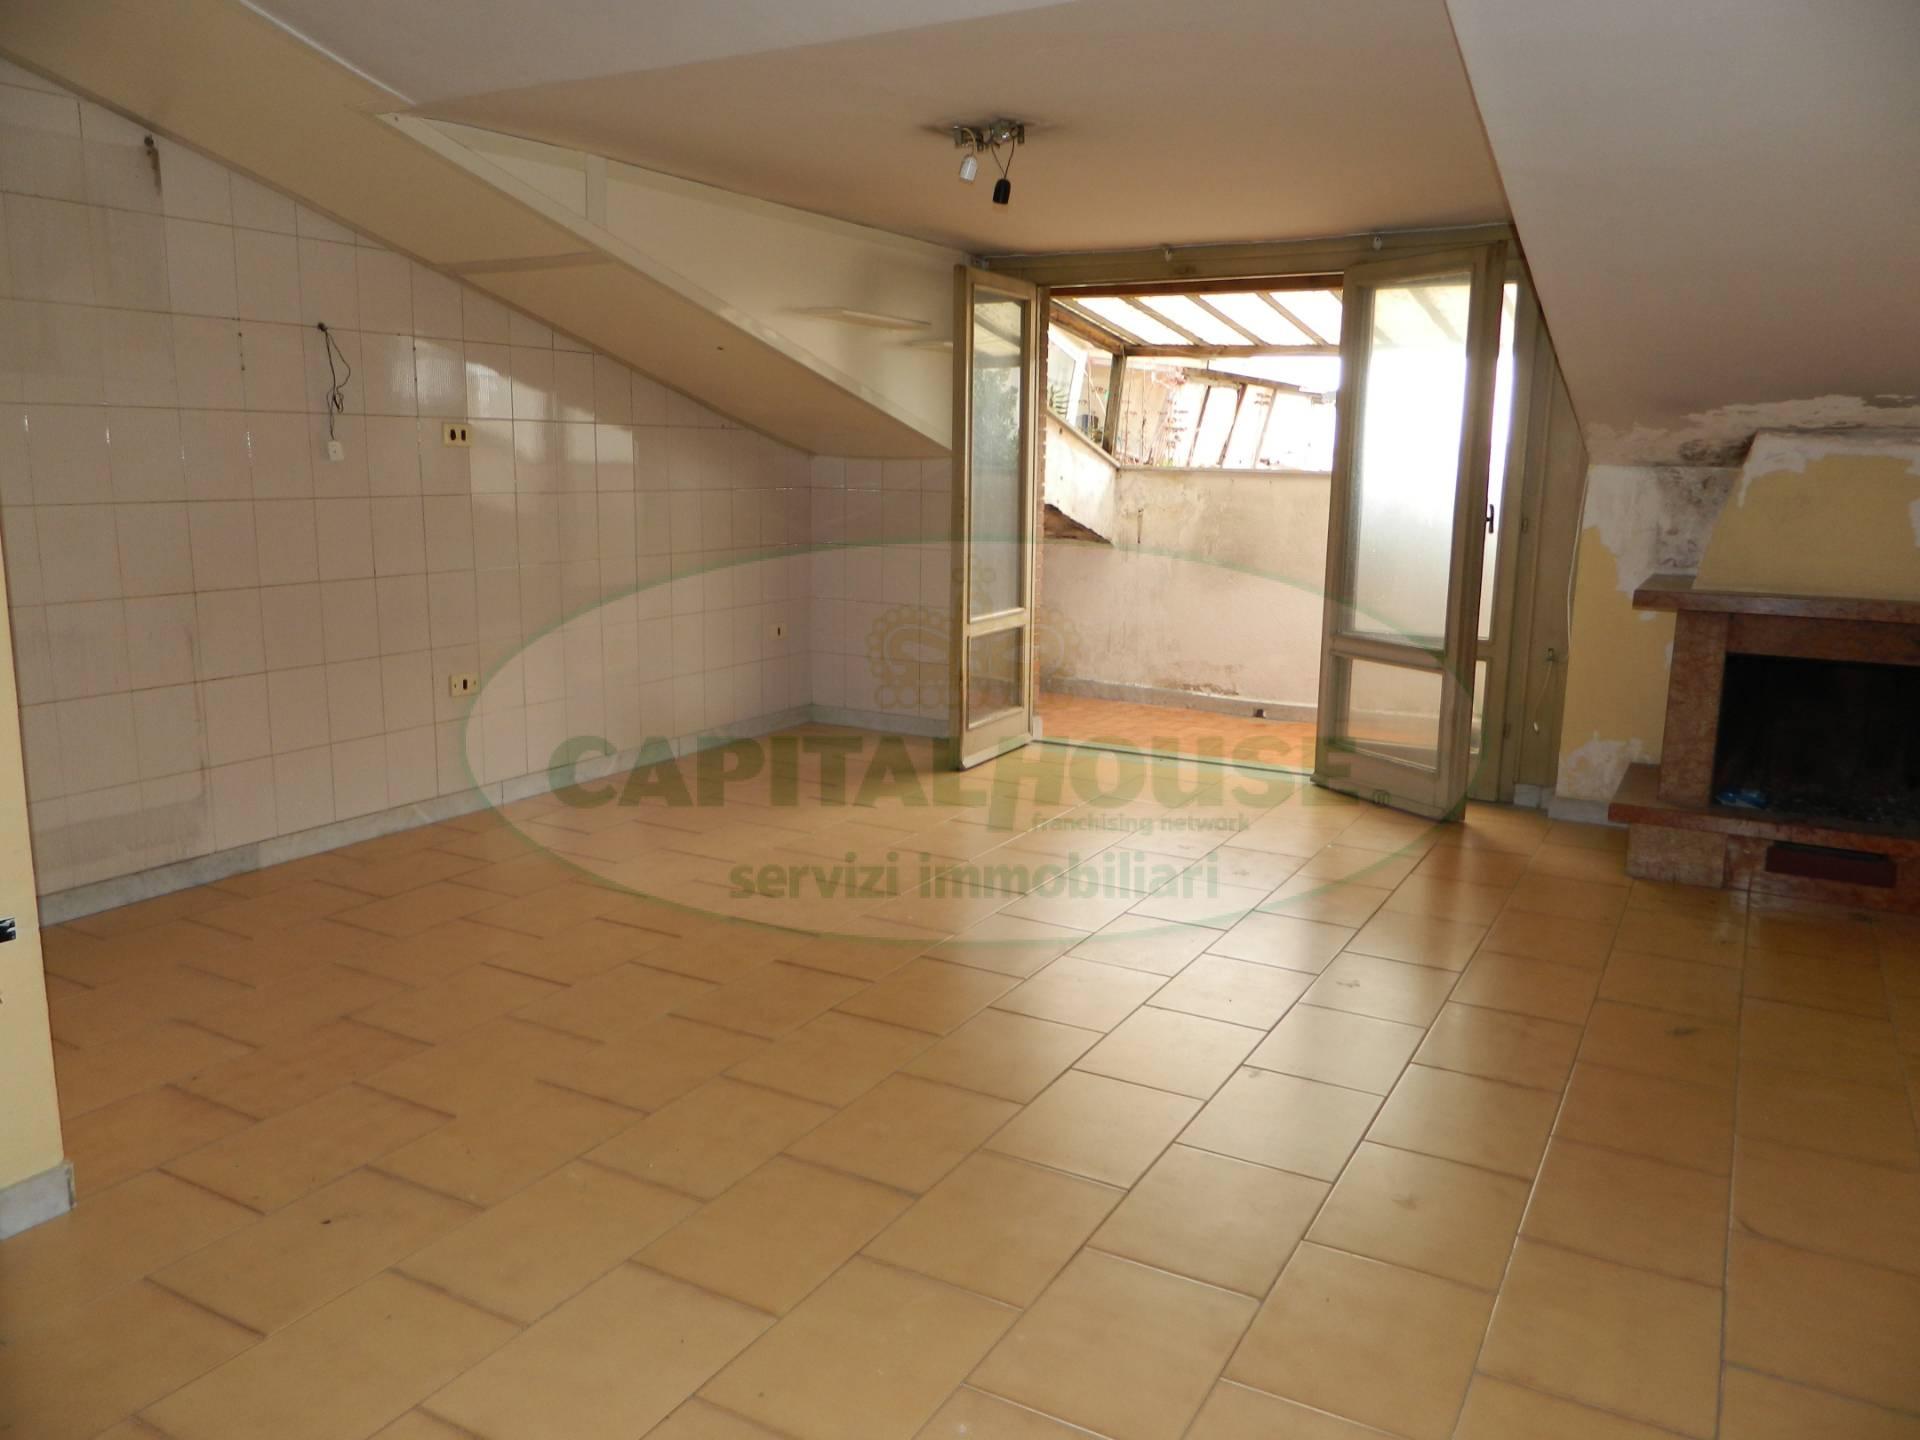 Attico / Mansarda in affitto a Afragola, 2 locali, zona Località: ZonaSanMichele, prezzo € 330 | CambioCasa.it